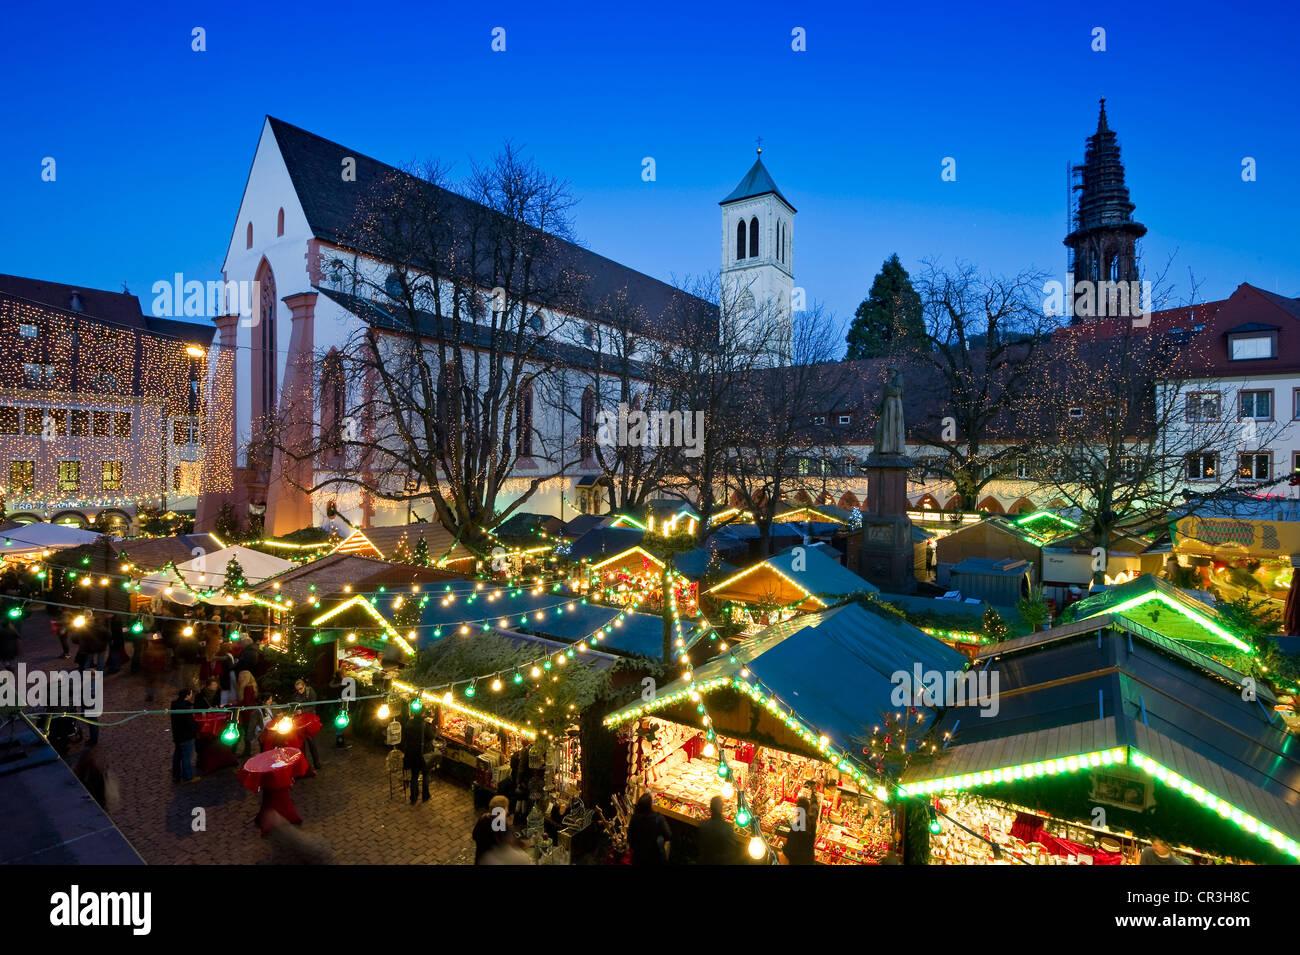 freiburg im breisgau christmas market